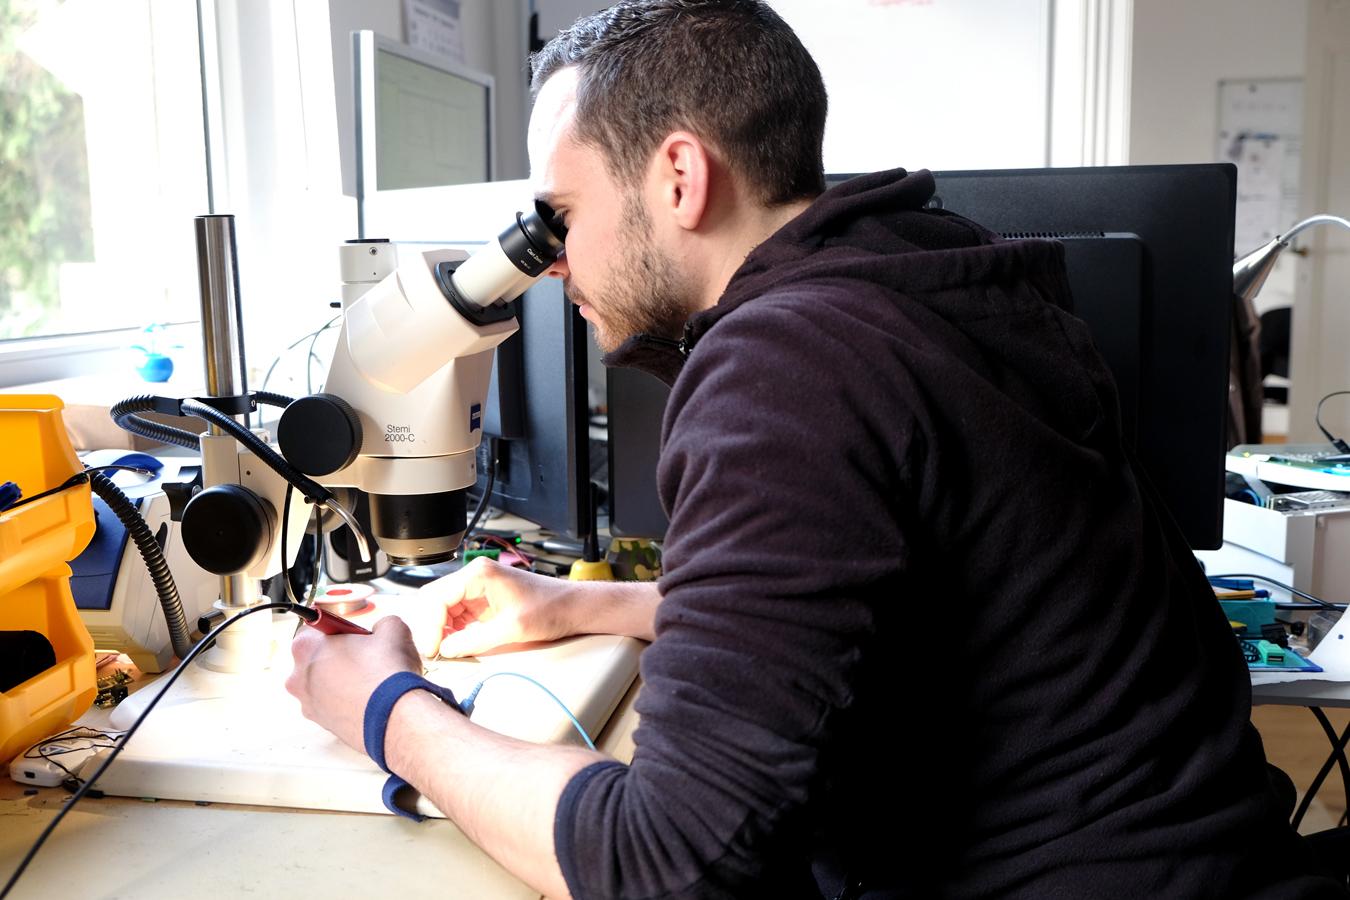 Präzision zählt: Florian Mäck arbeitet am Mikroskop an der Entwicklung von Prototypen. Foto: Leyerer